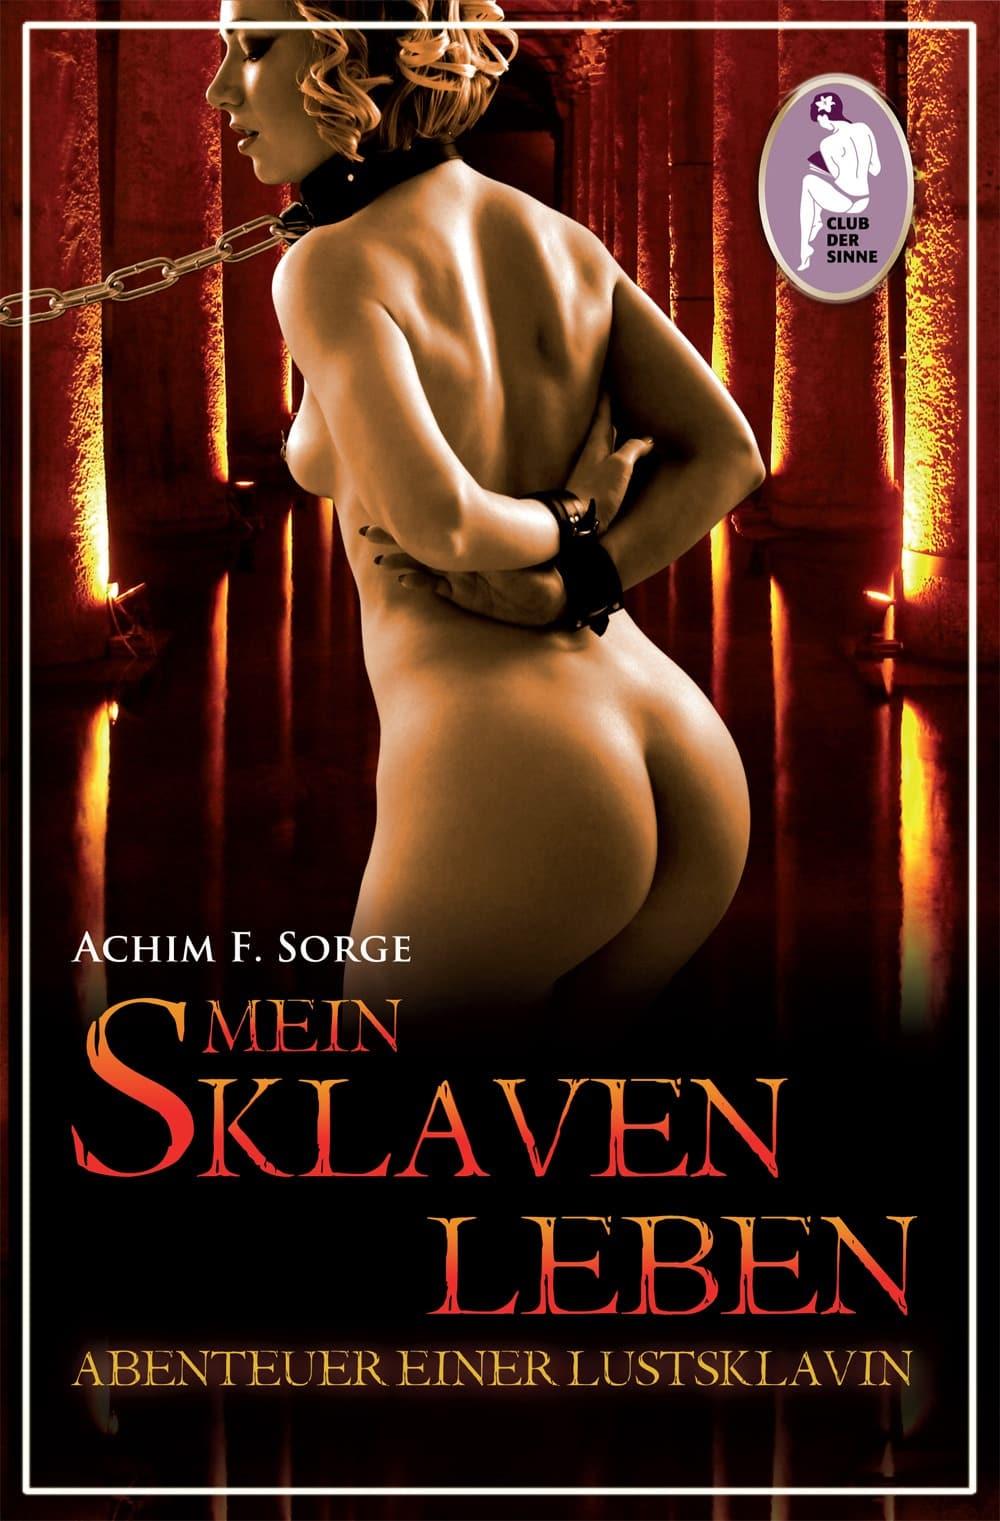 """achimsorge meinsklavenleben cover """"Mein Sklavenleben"""" von Achim F. Sorge - Eine Empfehlung für BDSM-Fans"""